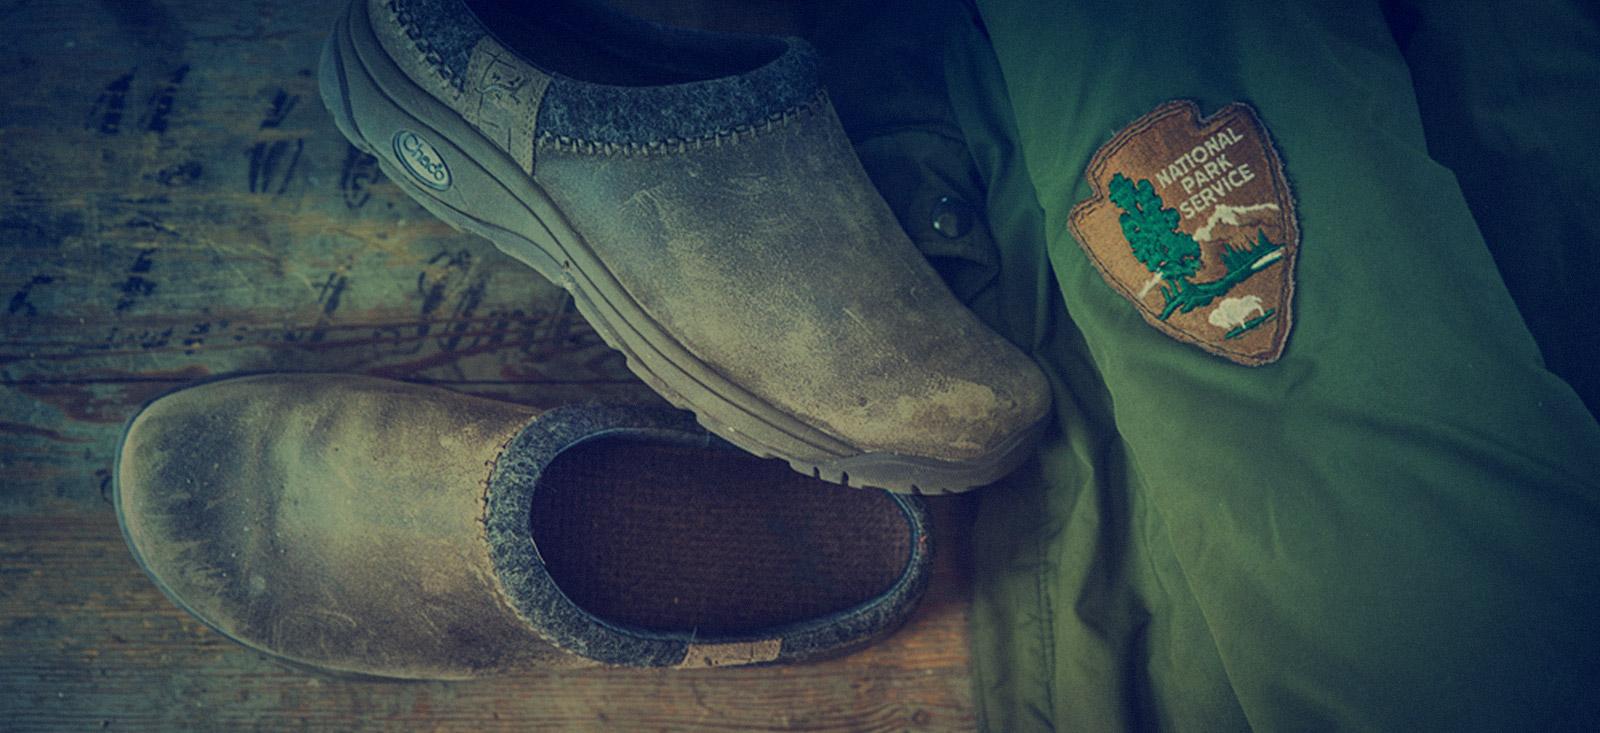 Zealander Shoe